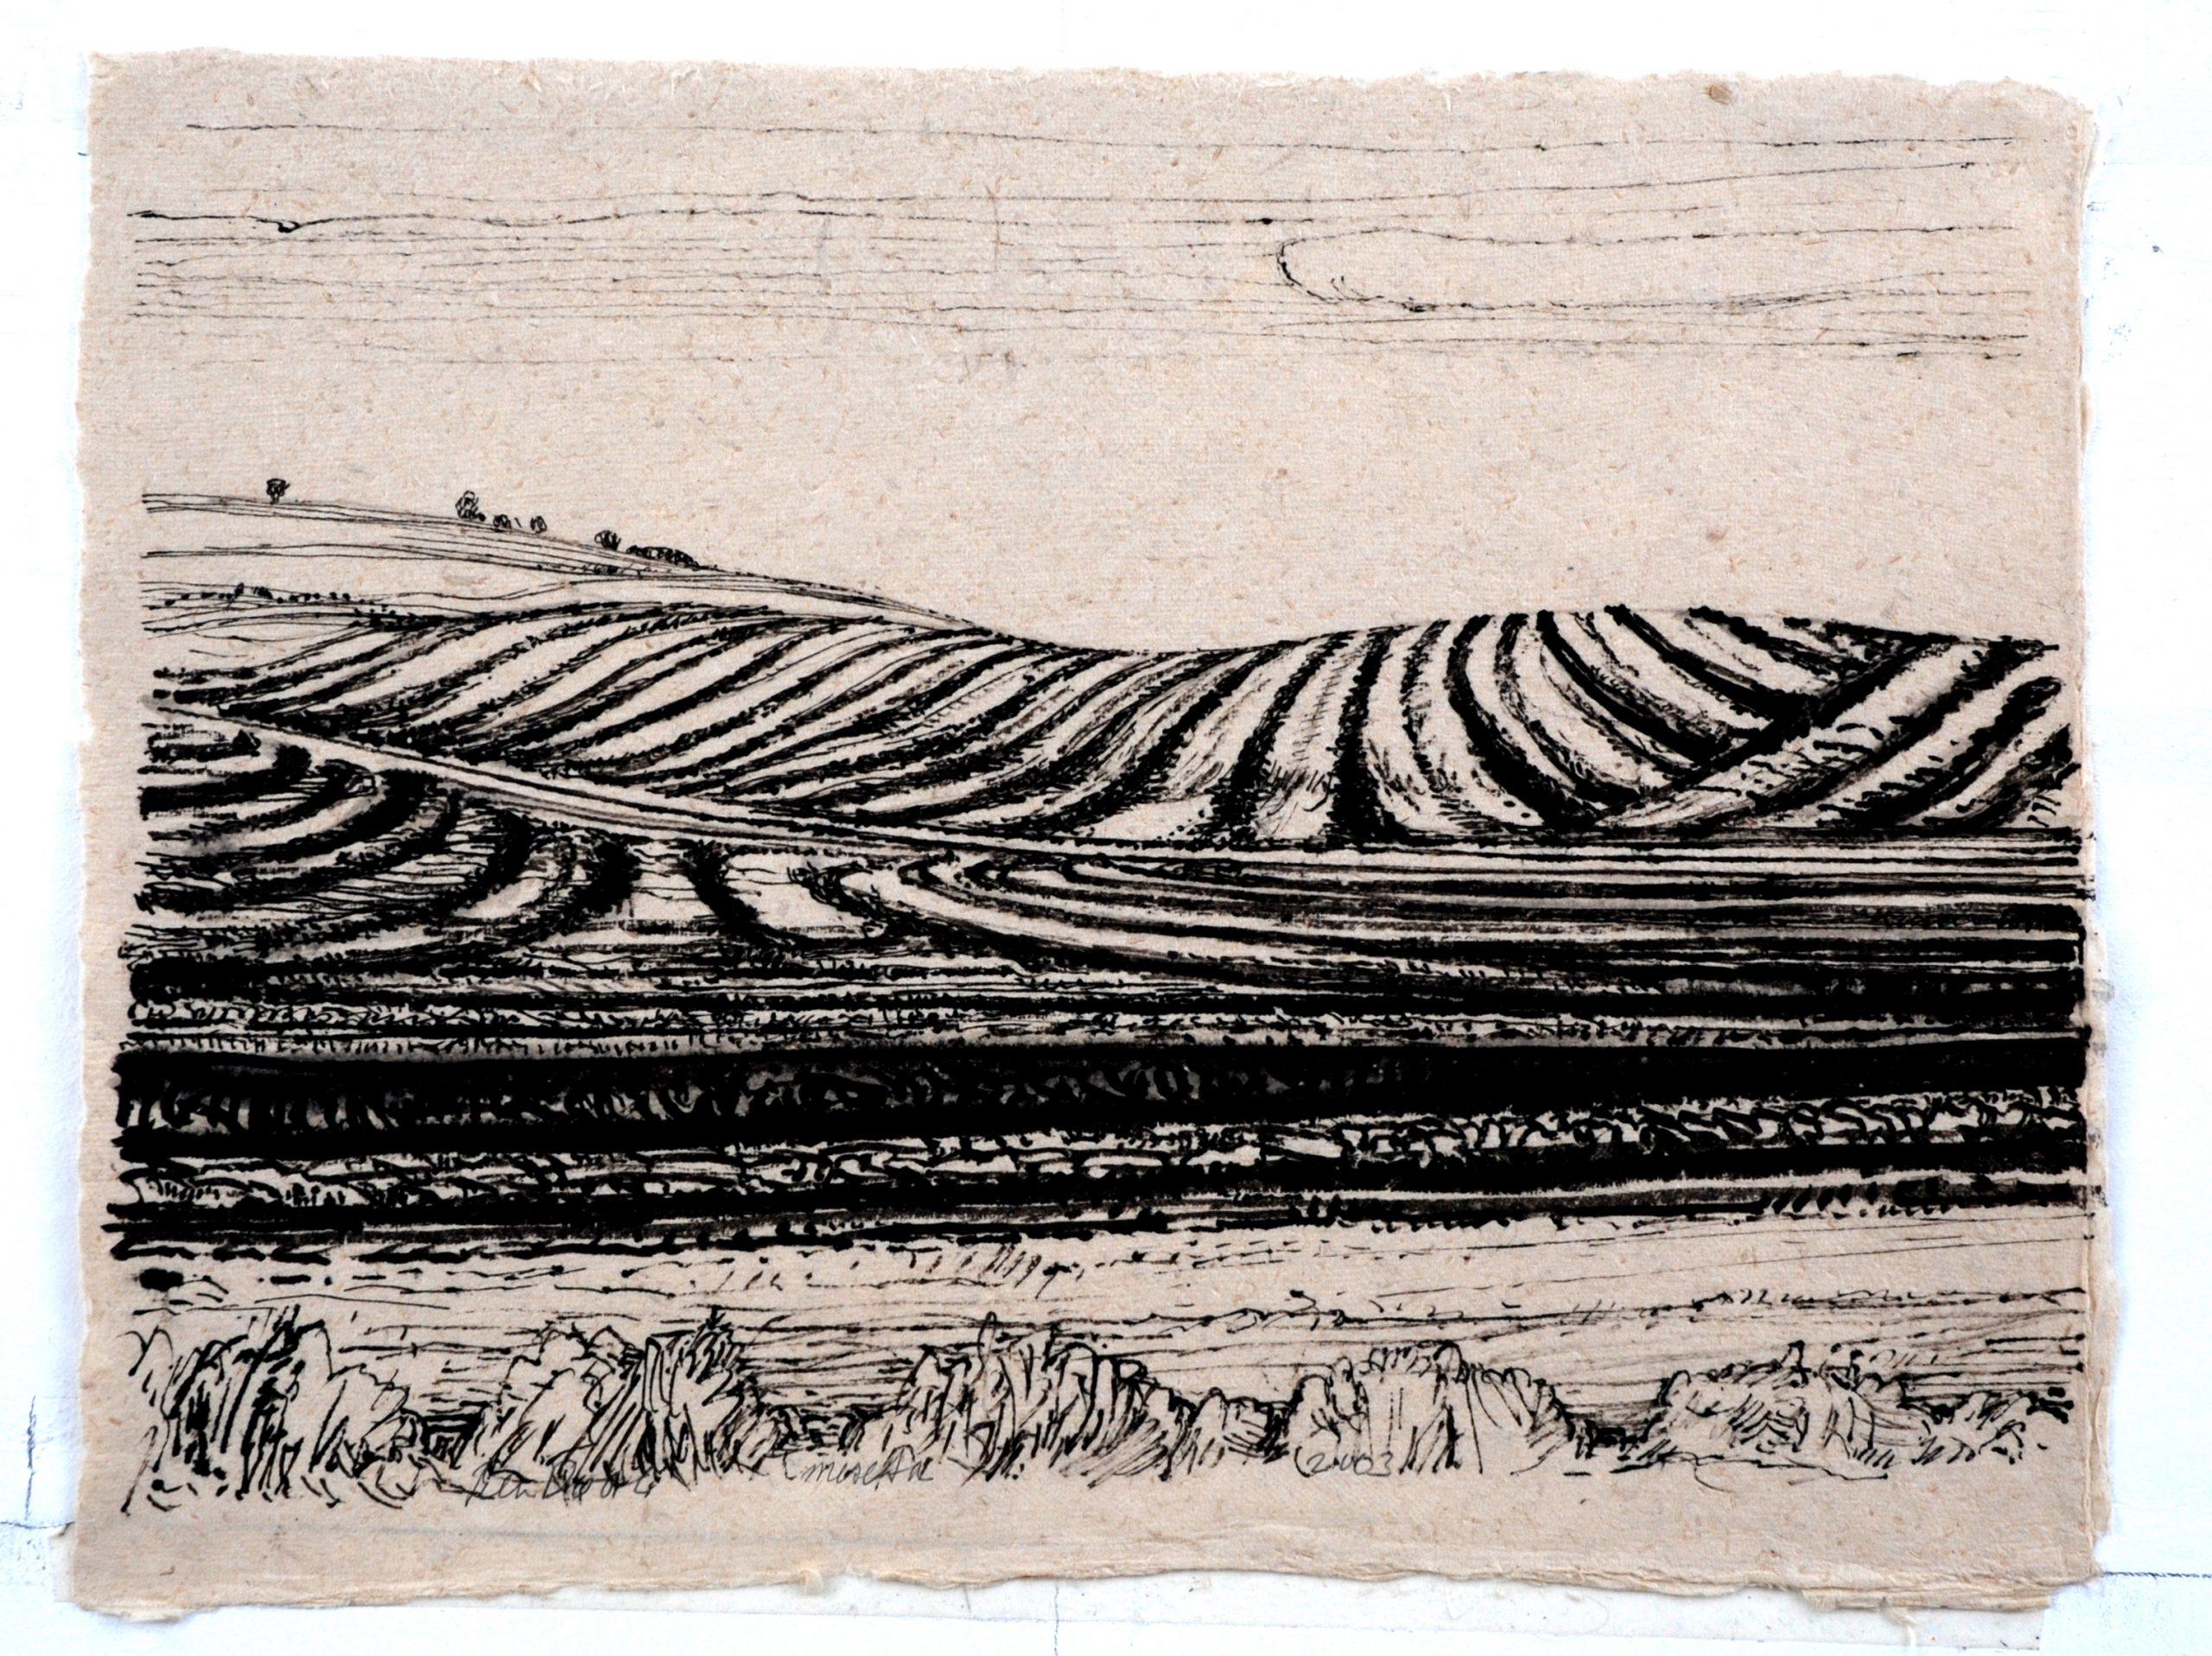 Aranda de Duero - Rein Dool, 30x40 cm. inkt 2003